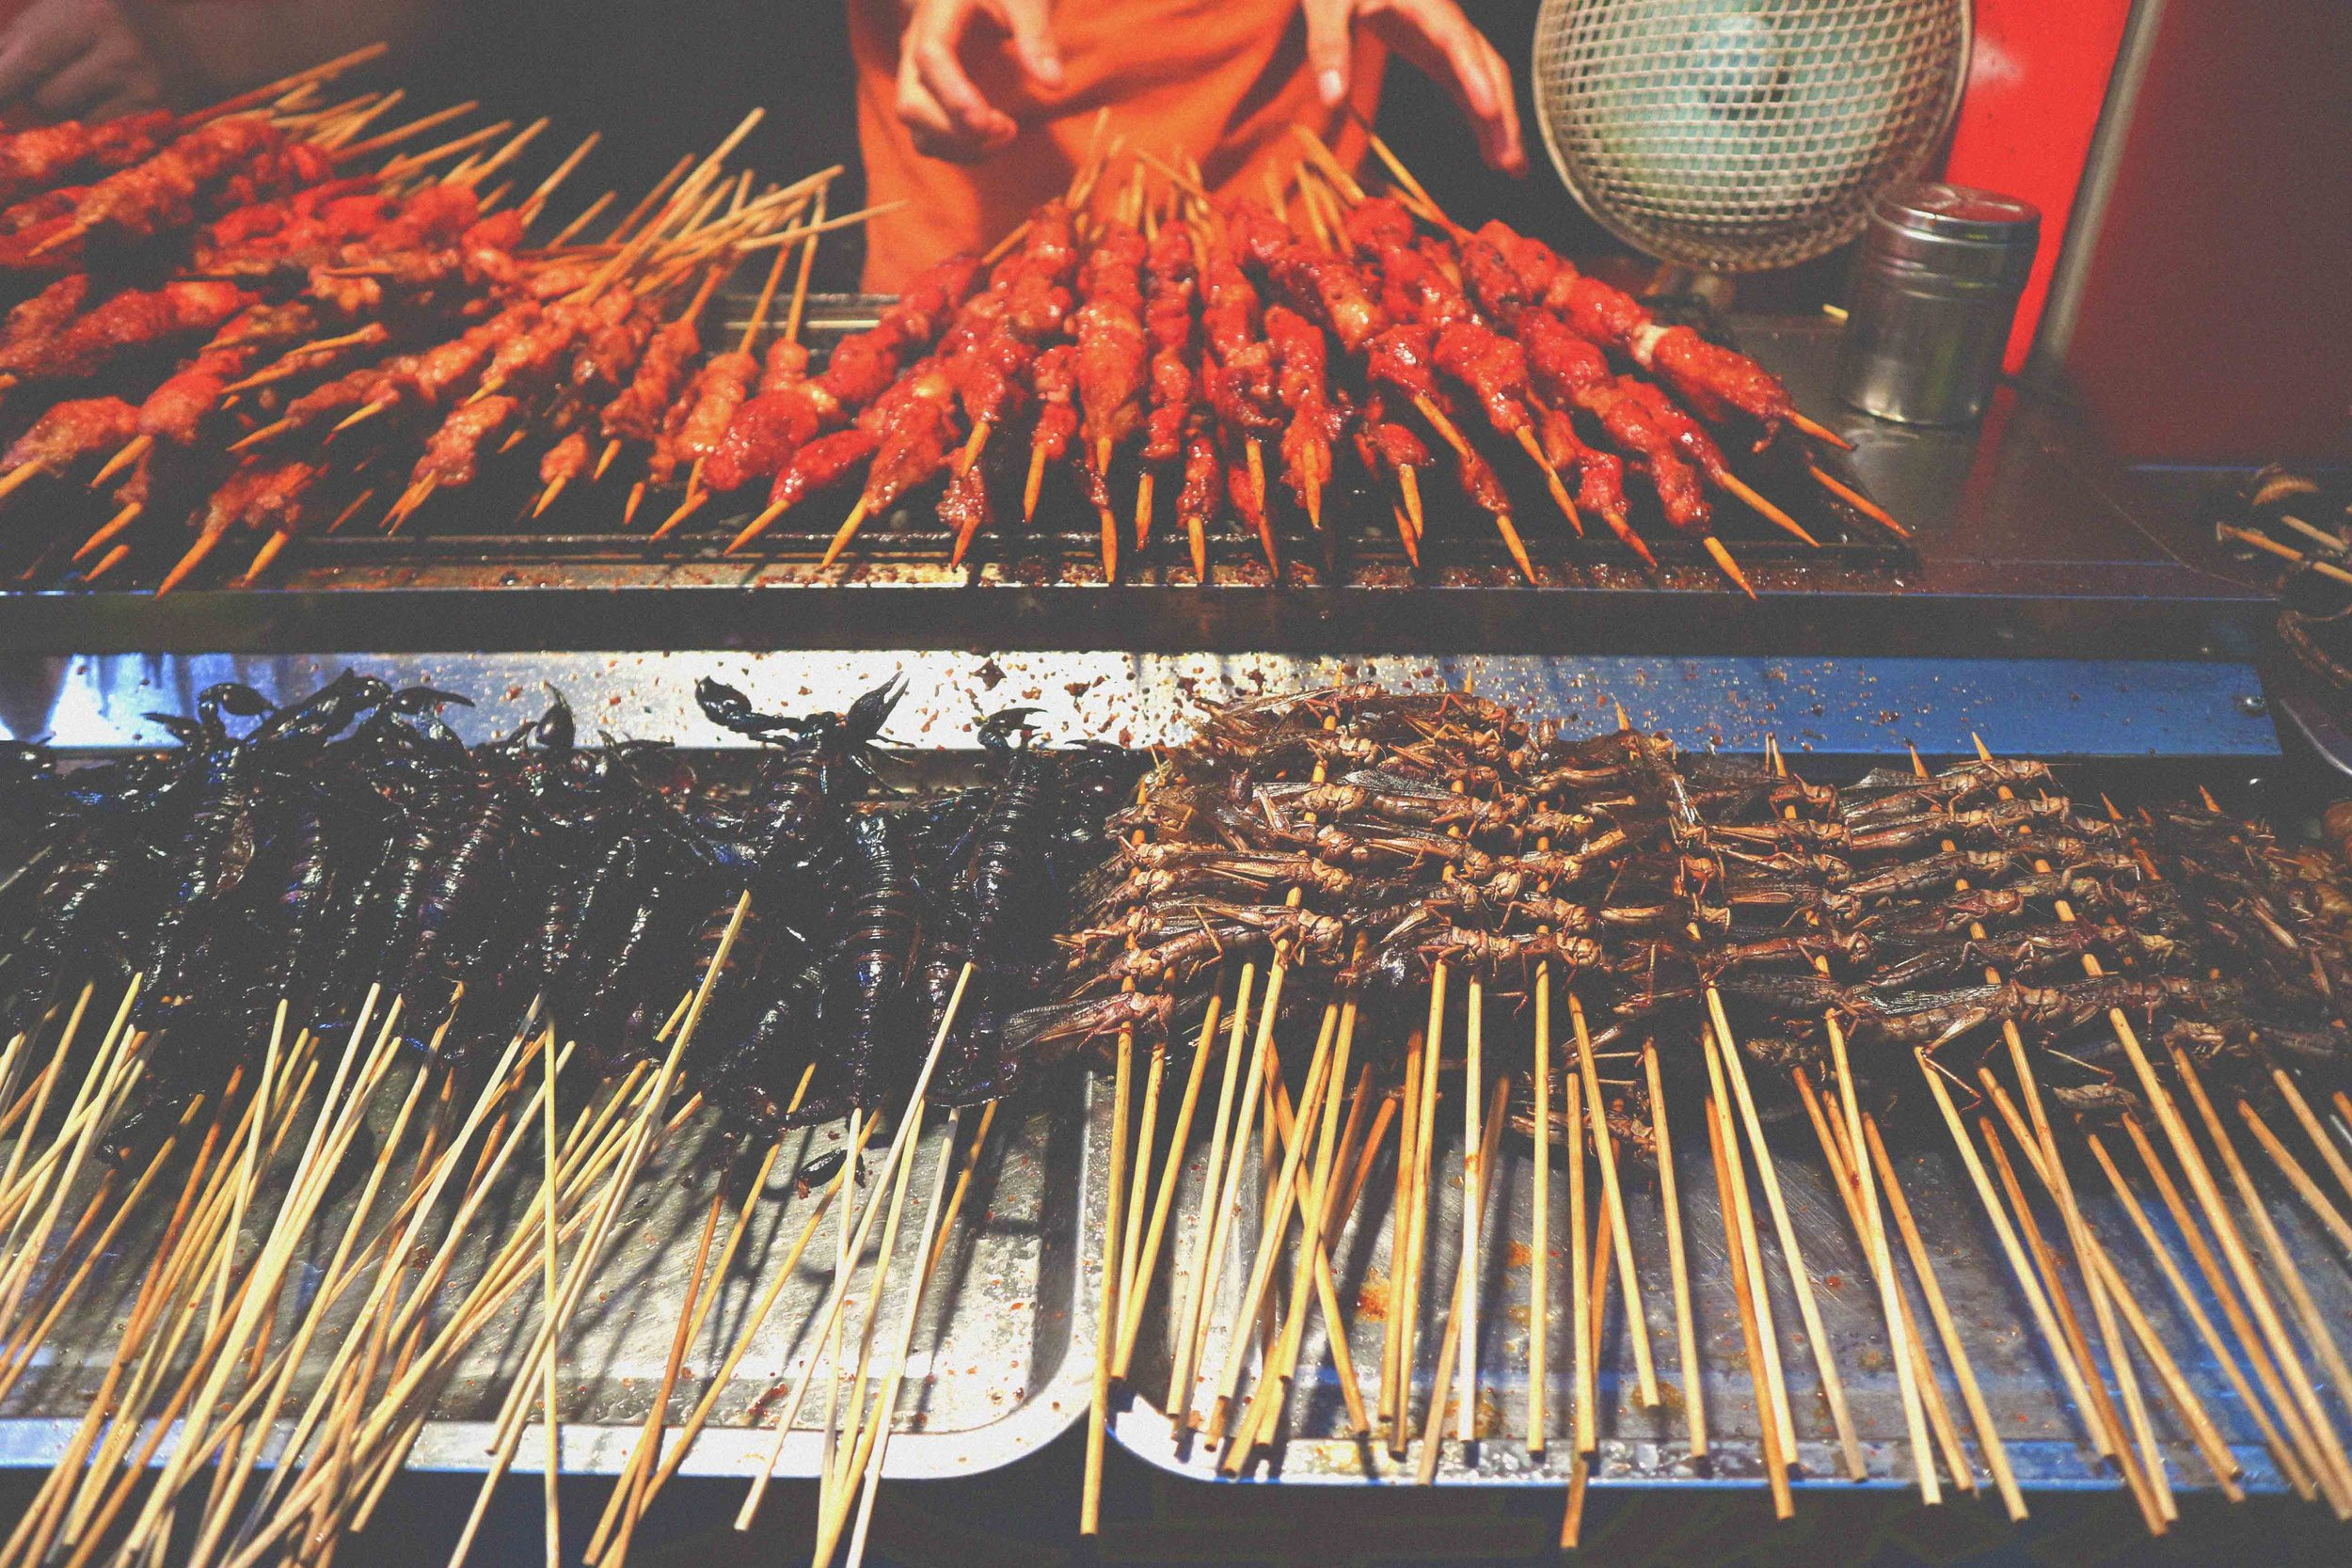 Street food at Wangfujing Dajie